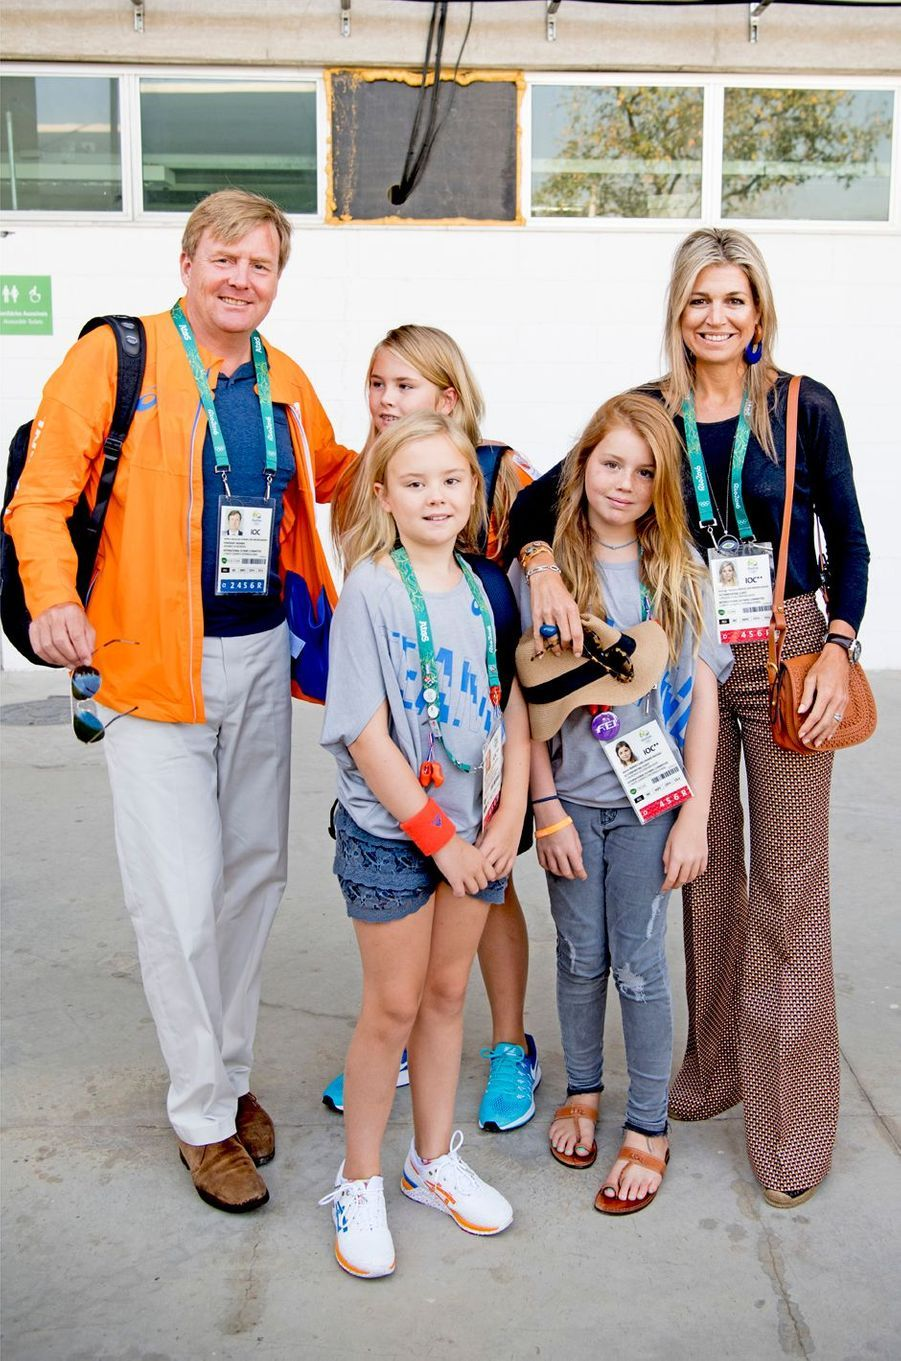 La reine Maxima des Pays-Bas, avec le roi Willem-Alexander et leurs filles, aux JO de Rio, le 17 août 2016